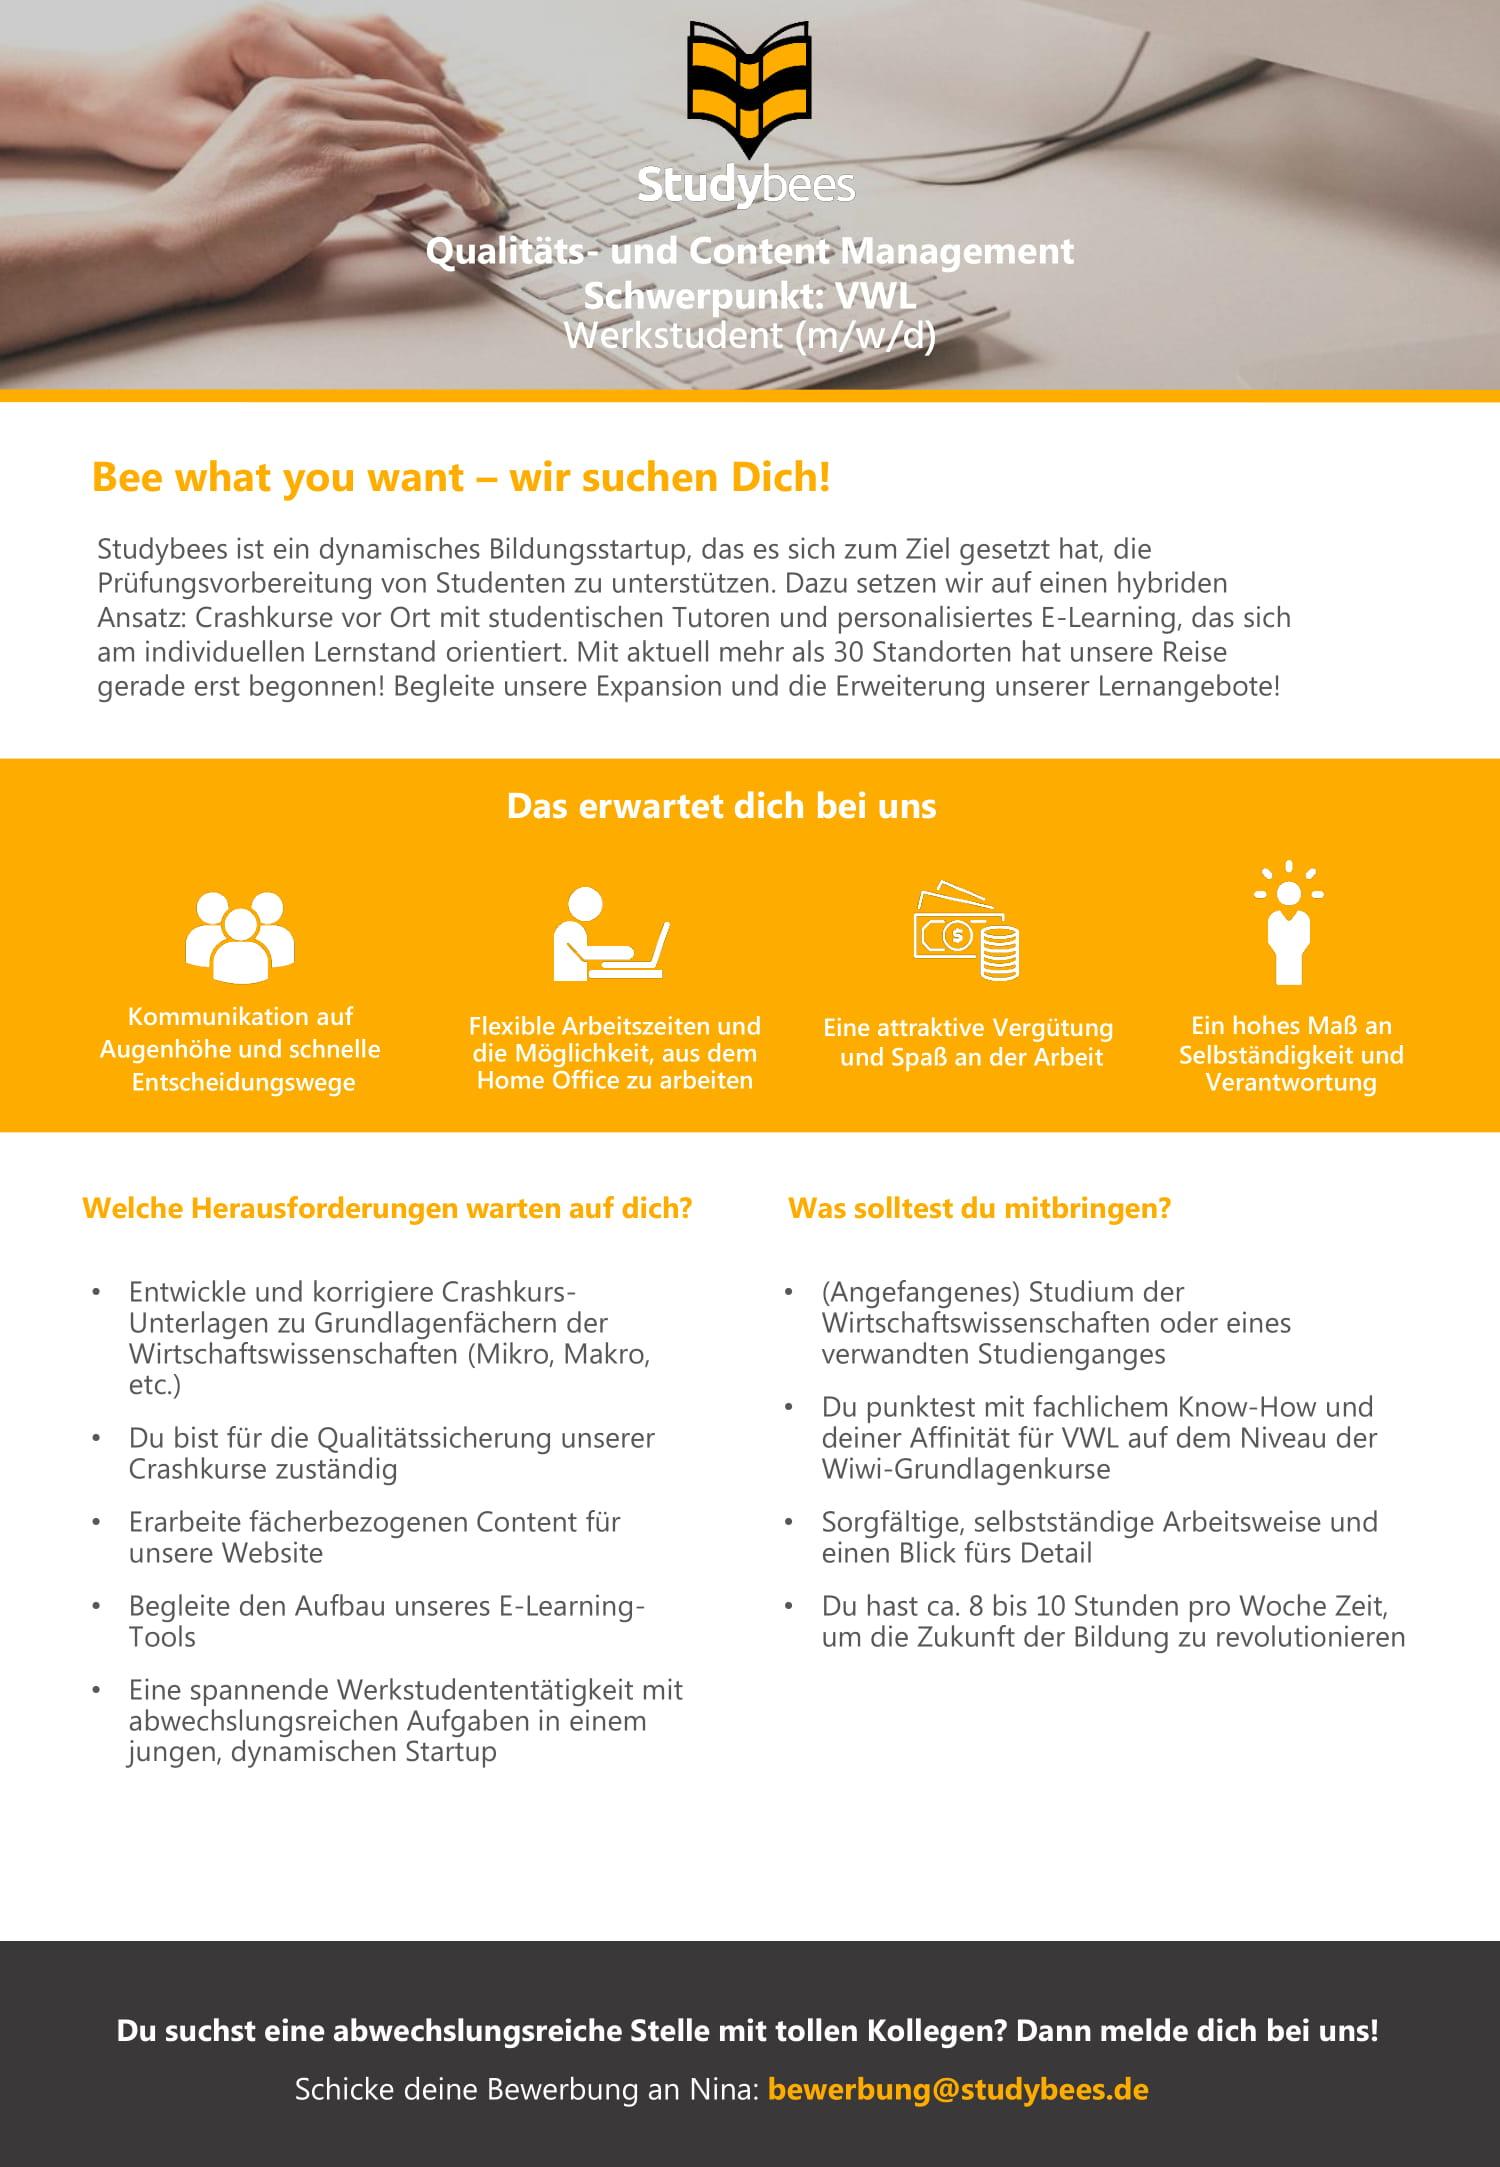 Werkstudent Qualitäts- und Content Management mit Schwerpunkt VWL (m/w/d)